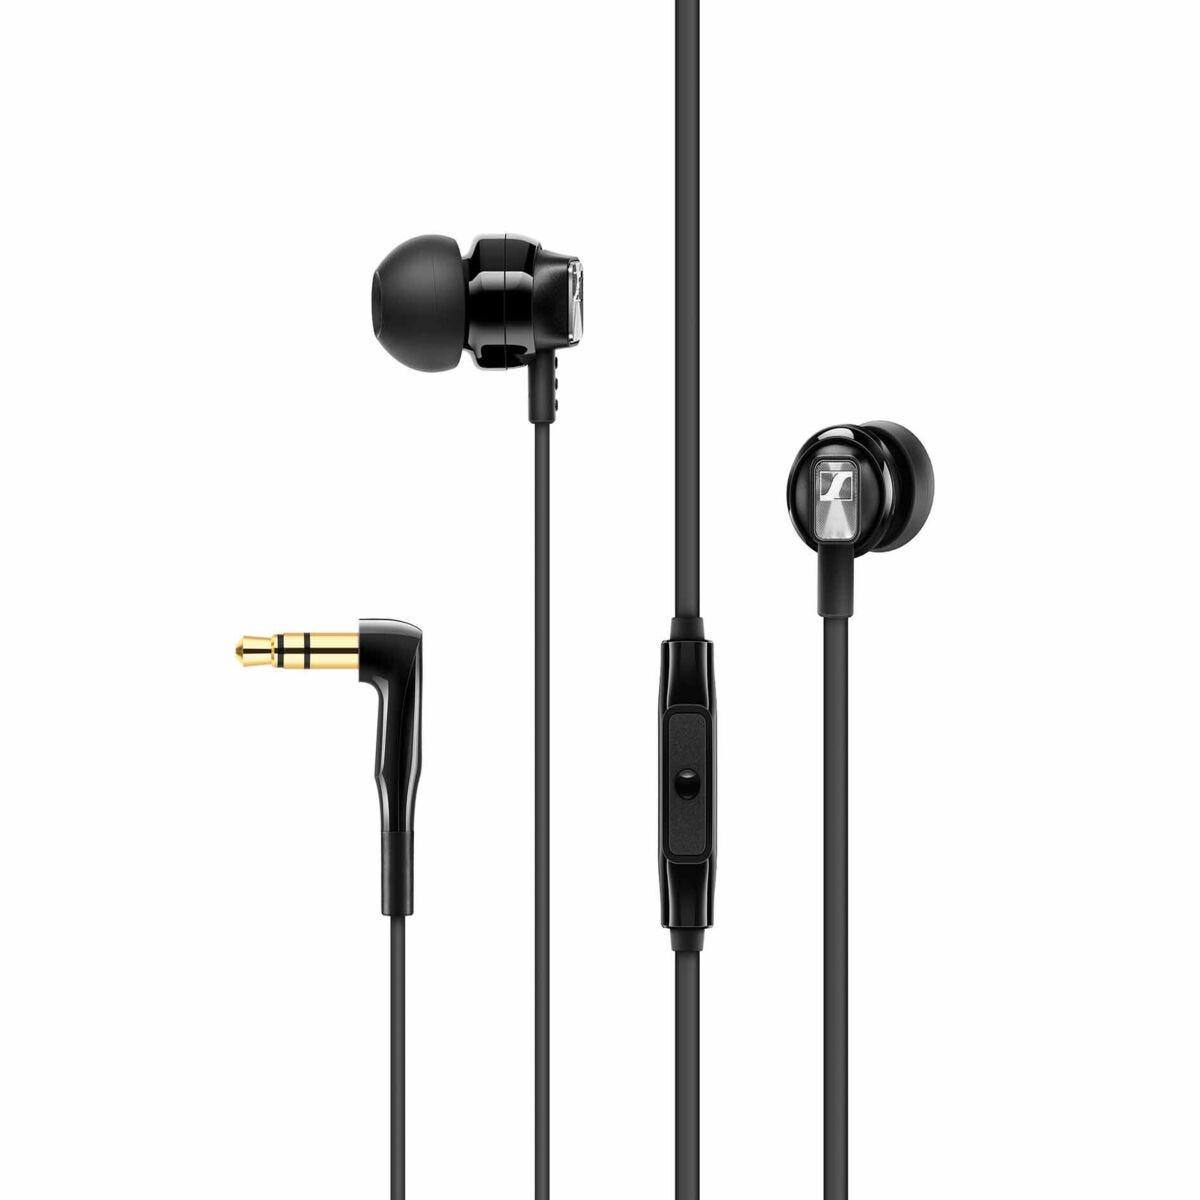 Sennheiser CX300S Wired In-Ear Headphones